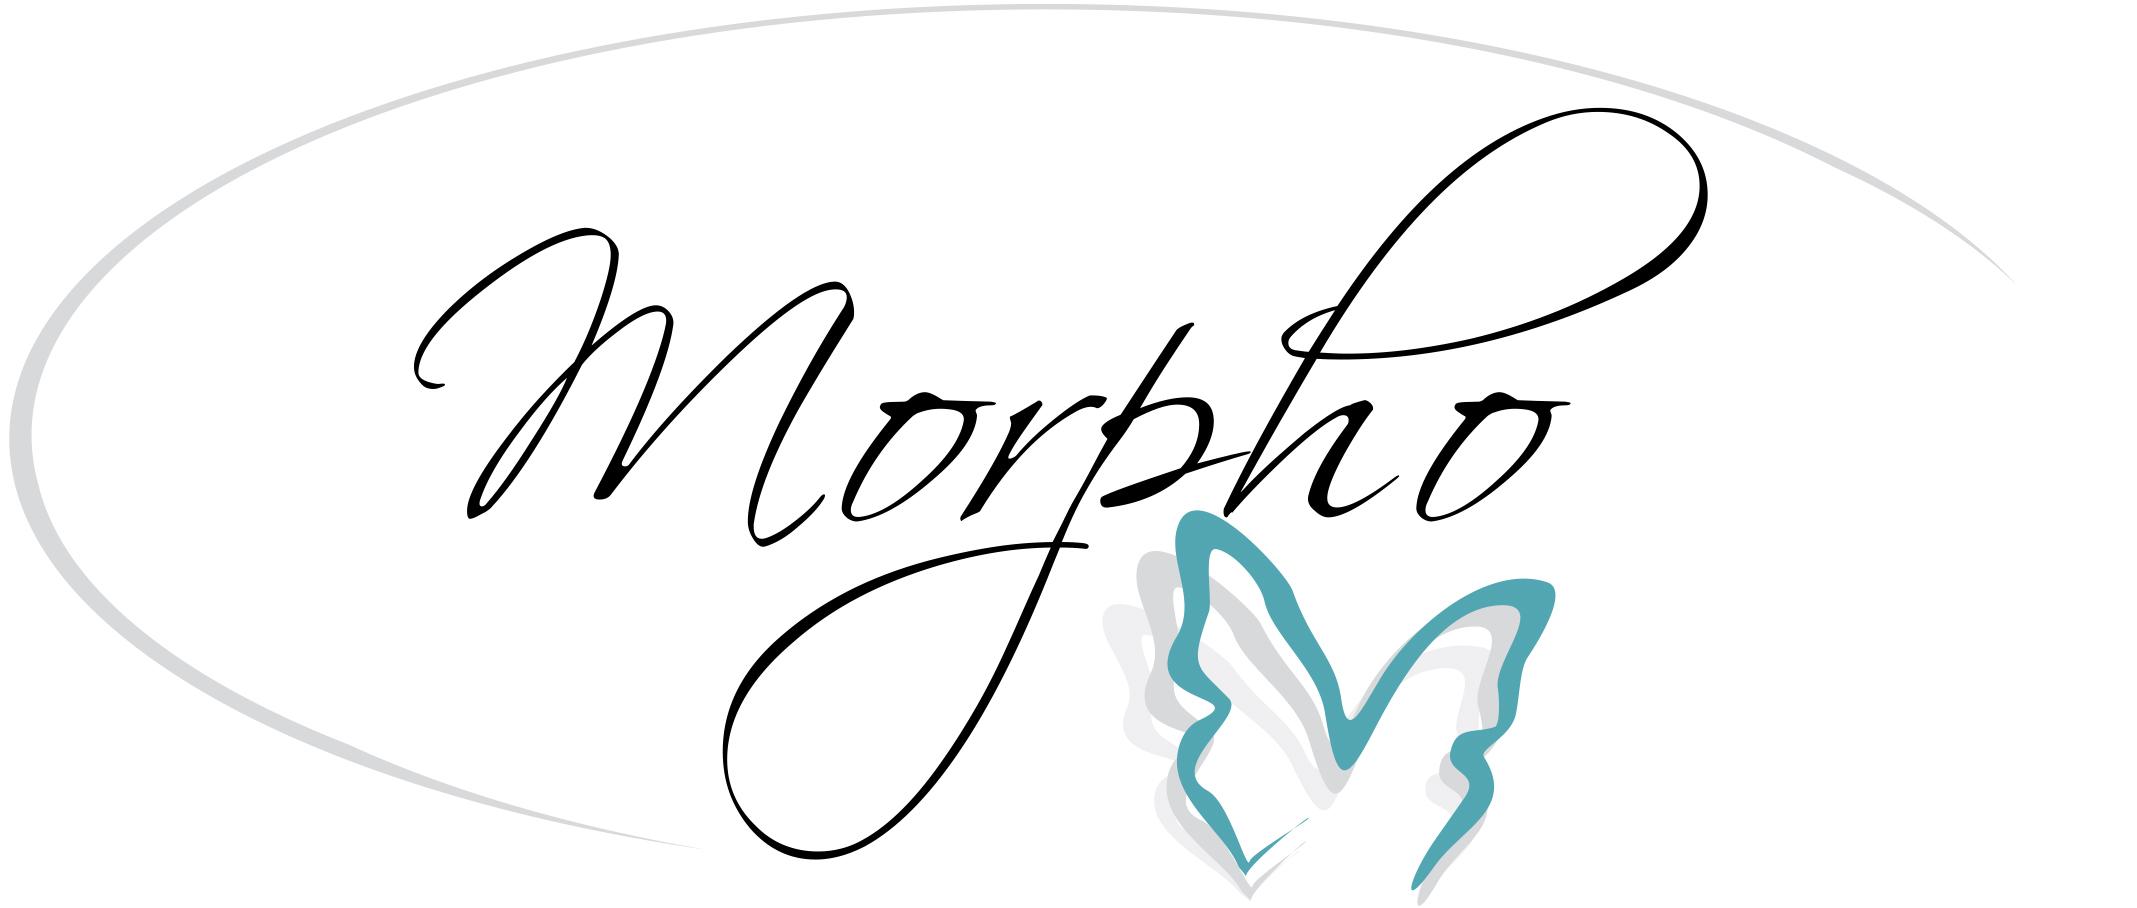 Pielegnacja Ciala Morpho Kosmetologia